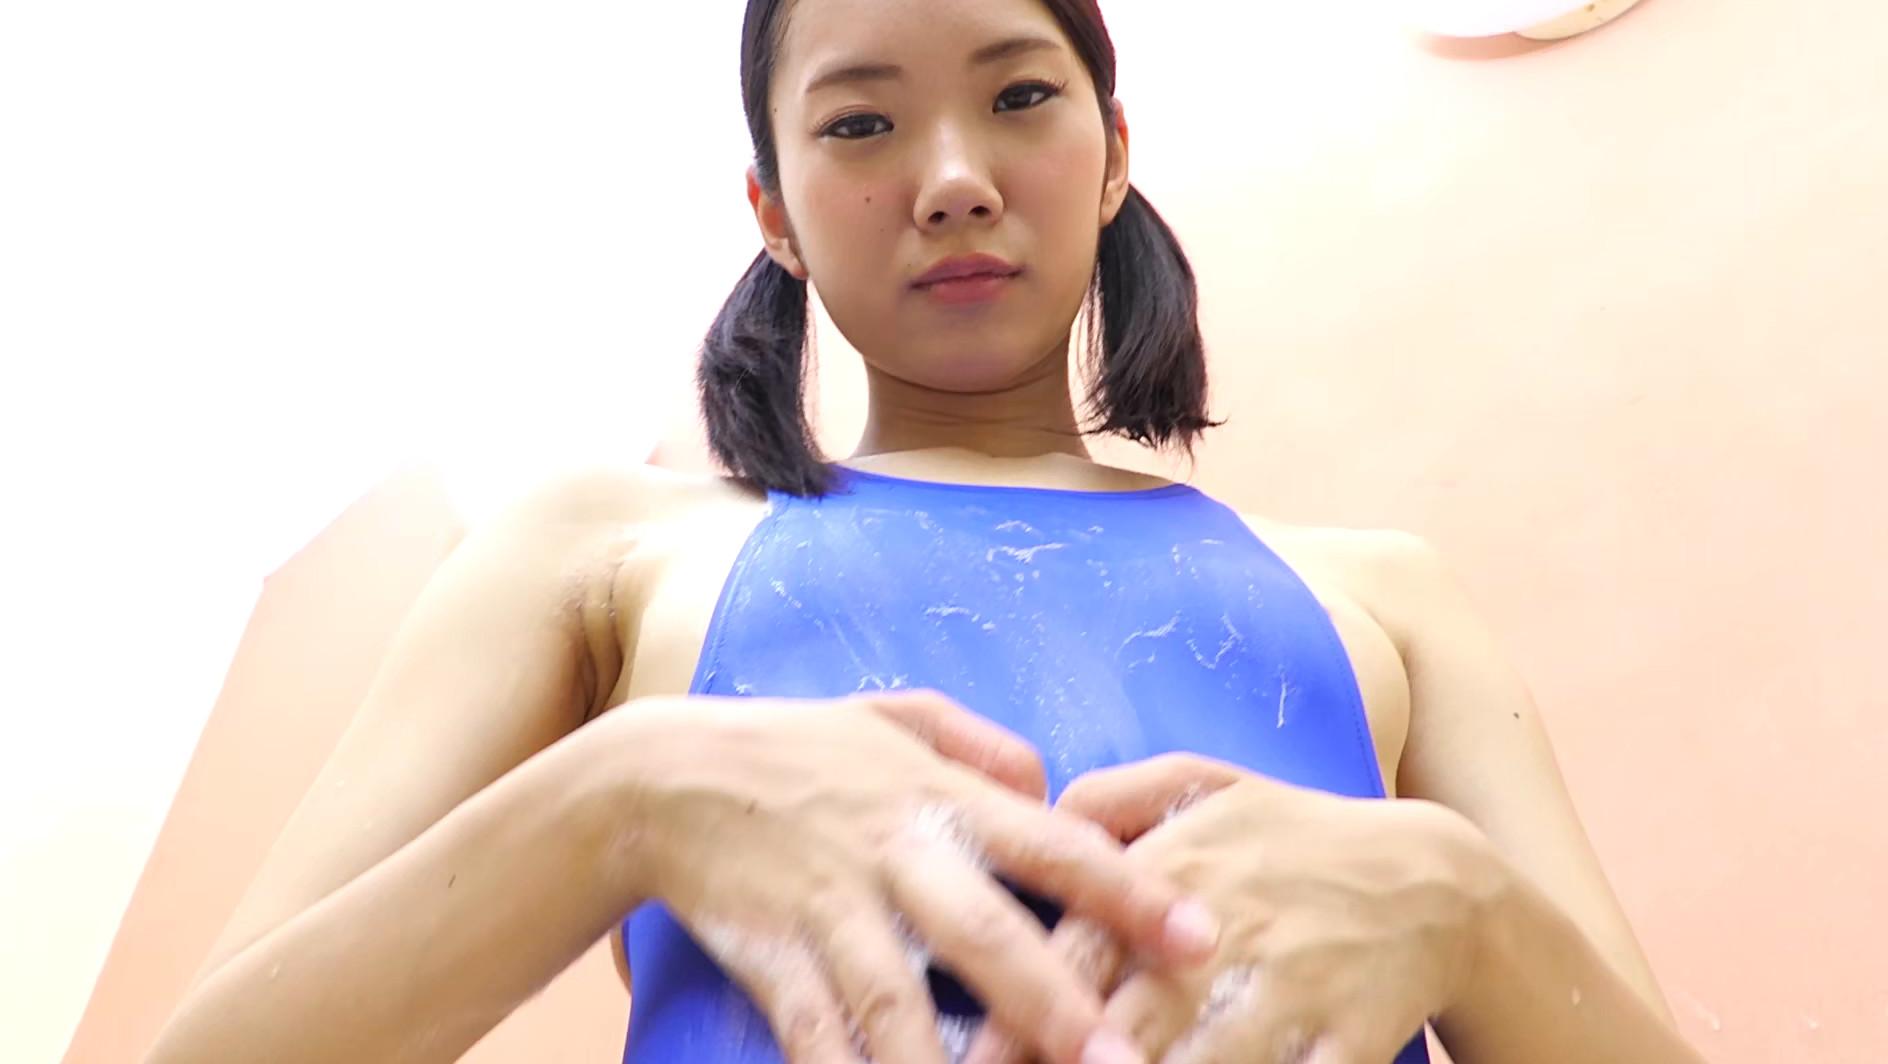 美少女白書プレミアム120分 画像6